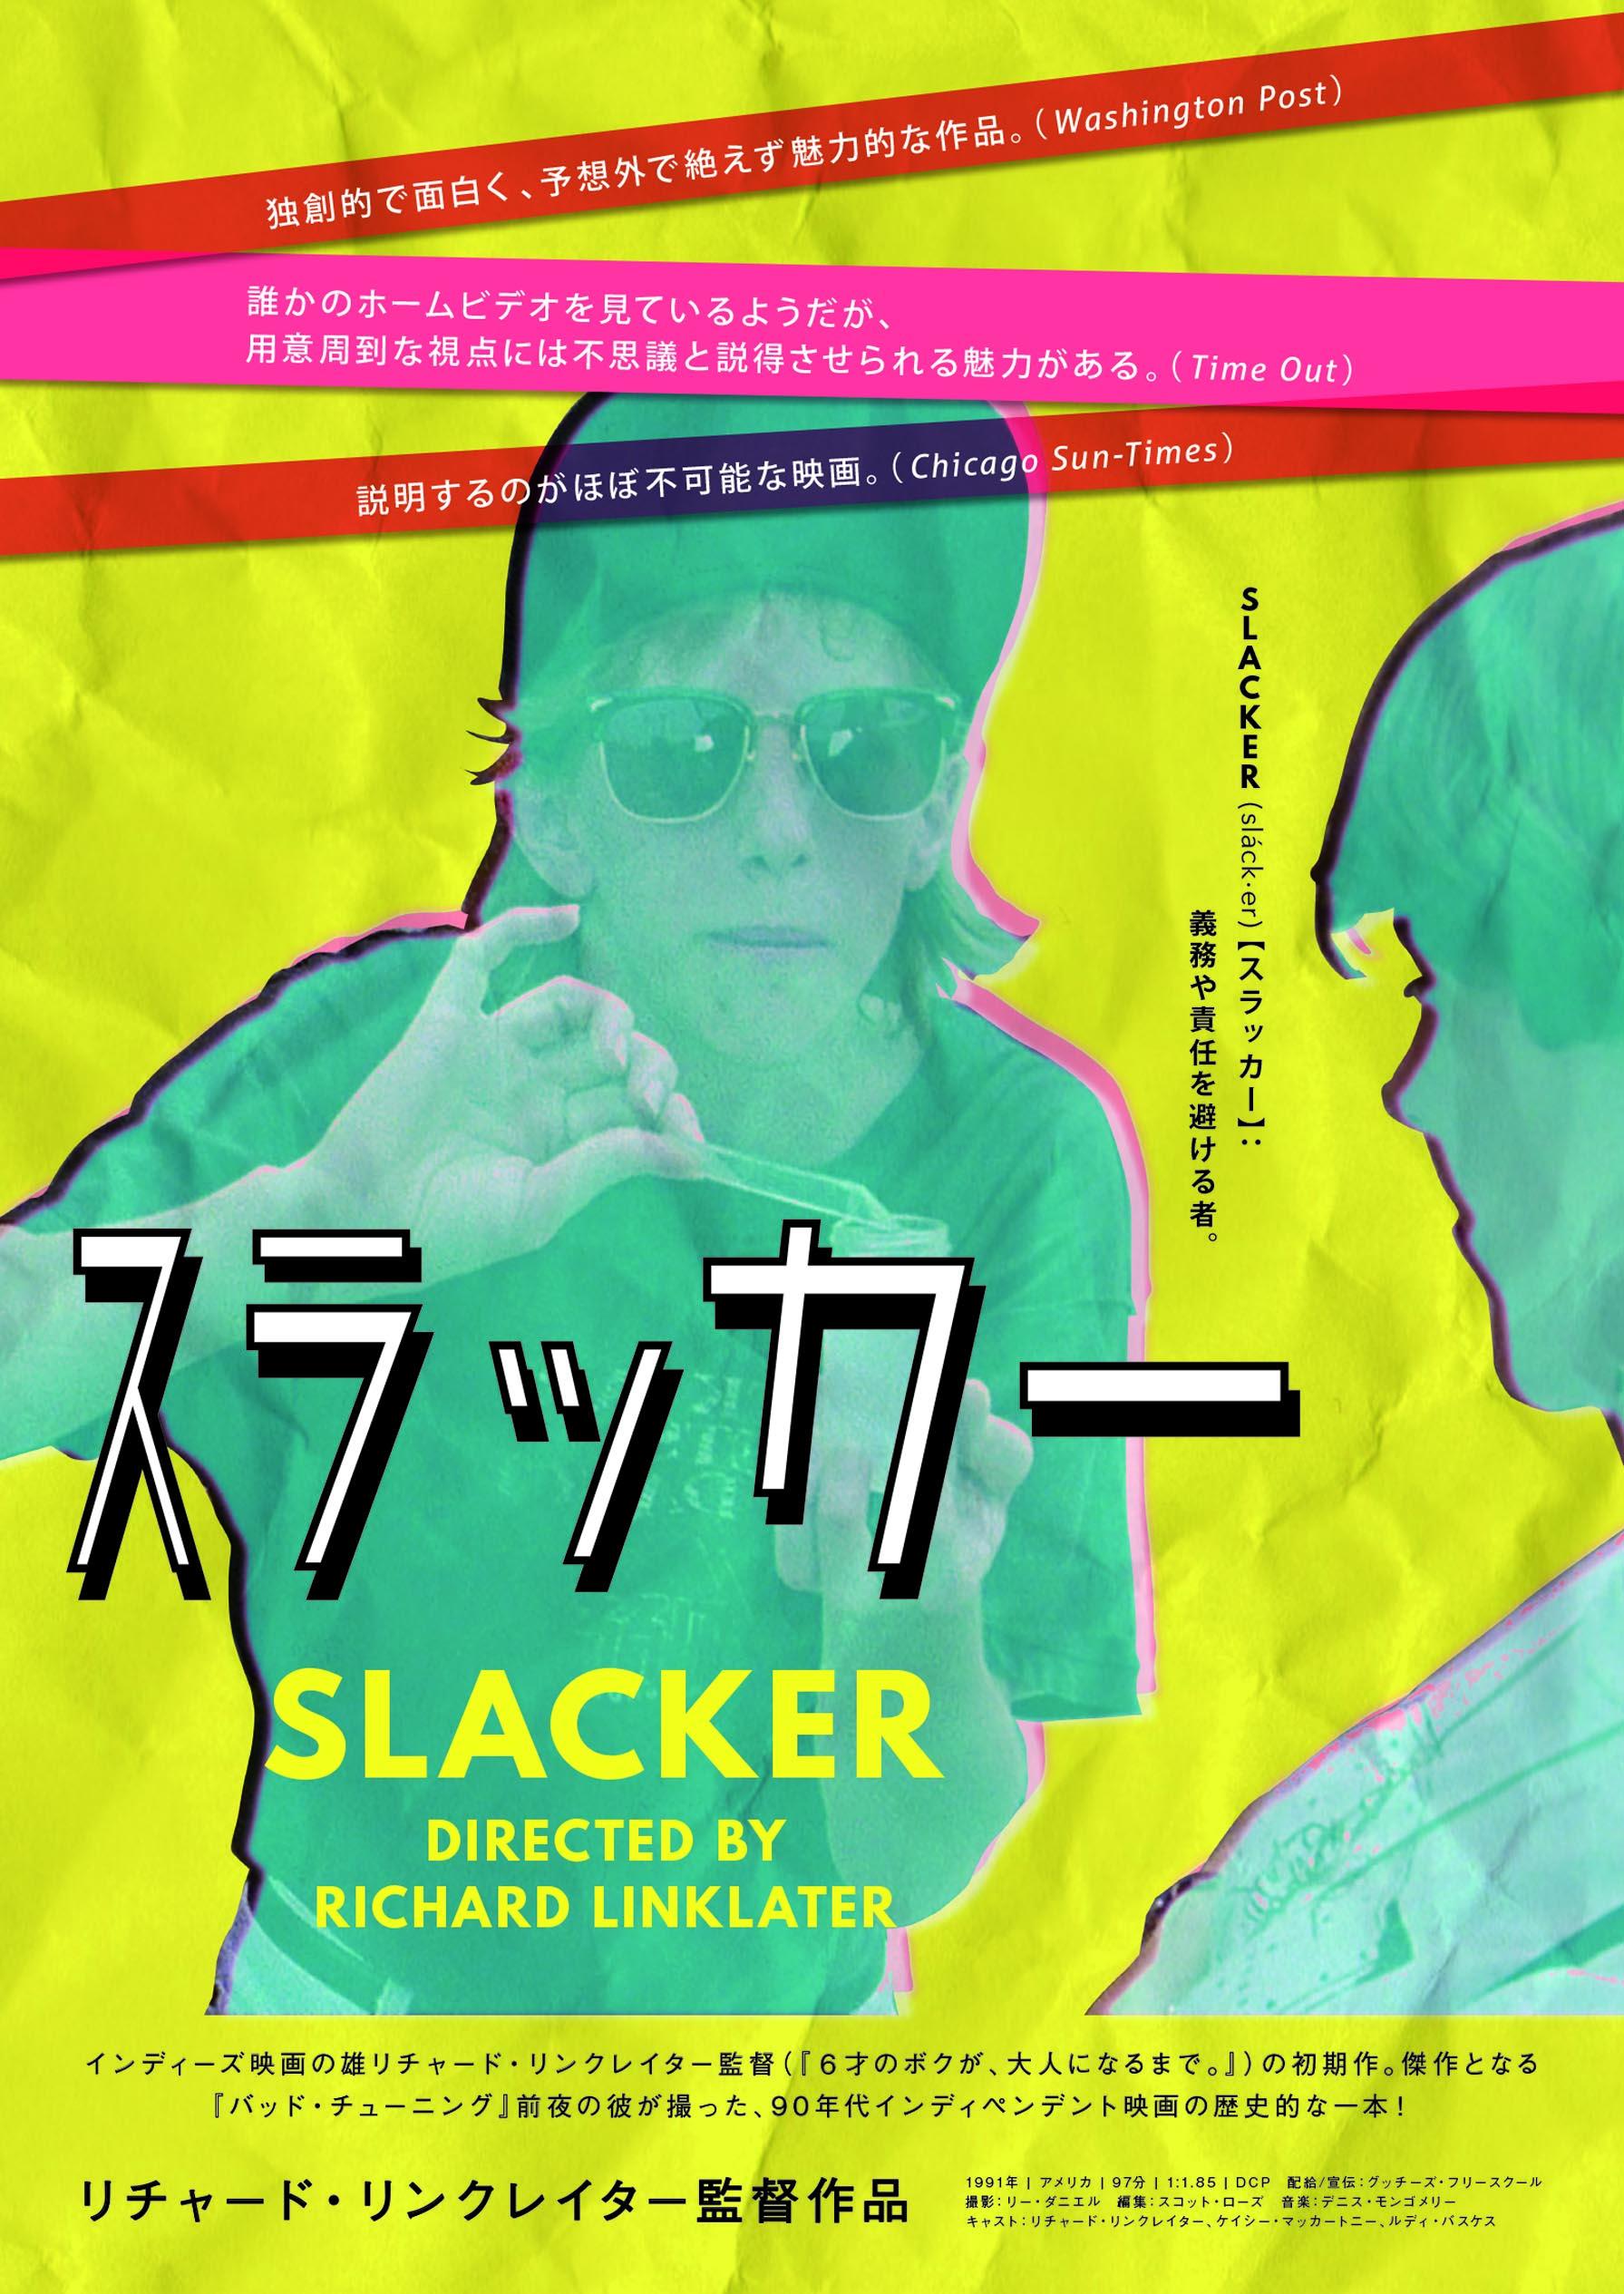 スラッカー(上映権利2019年末)